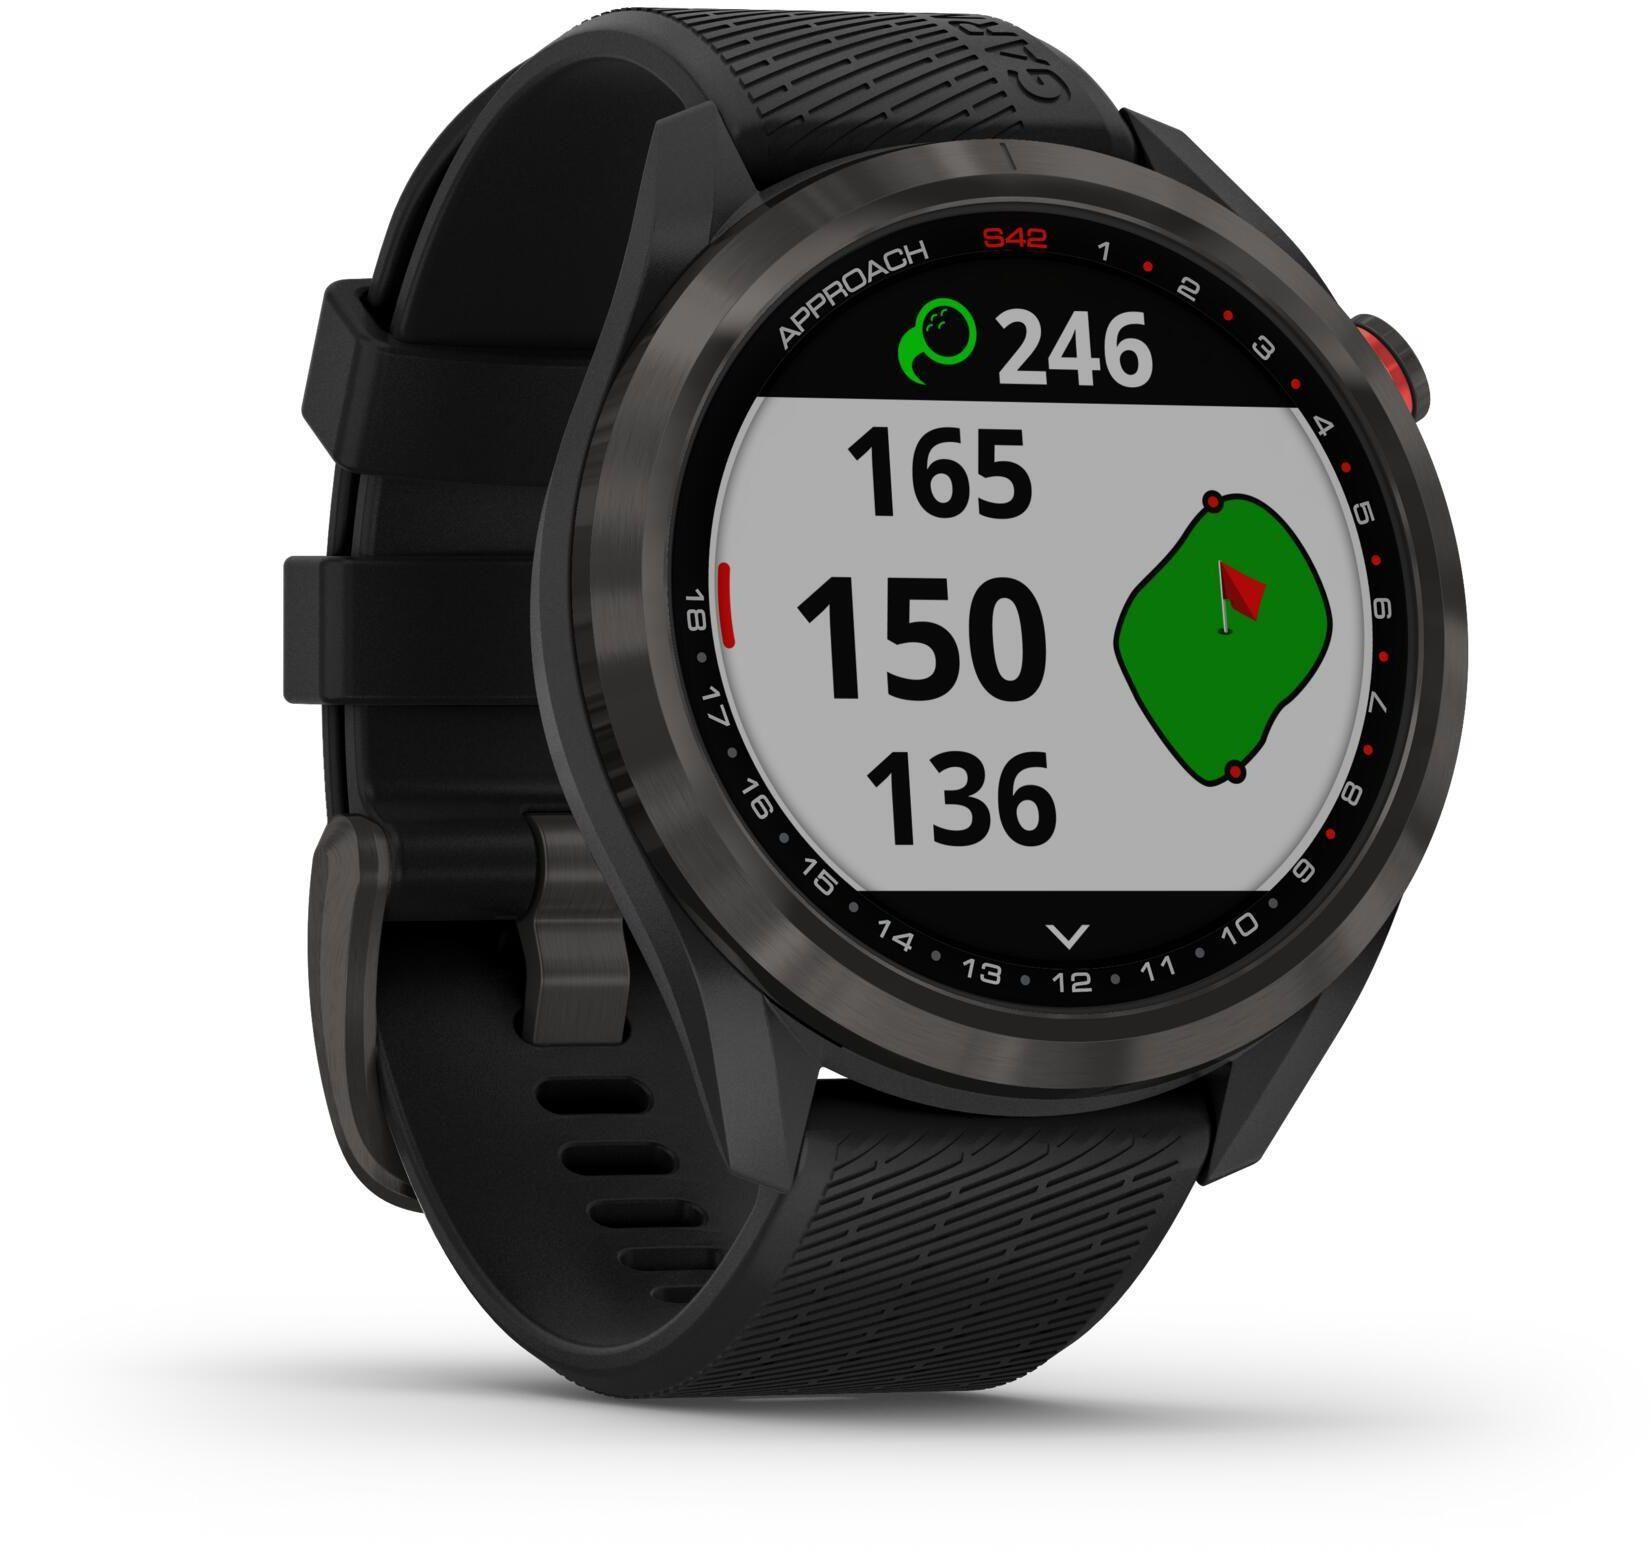 Zegarek do golfa GPS Approach S42